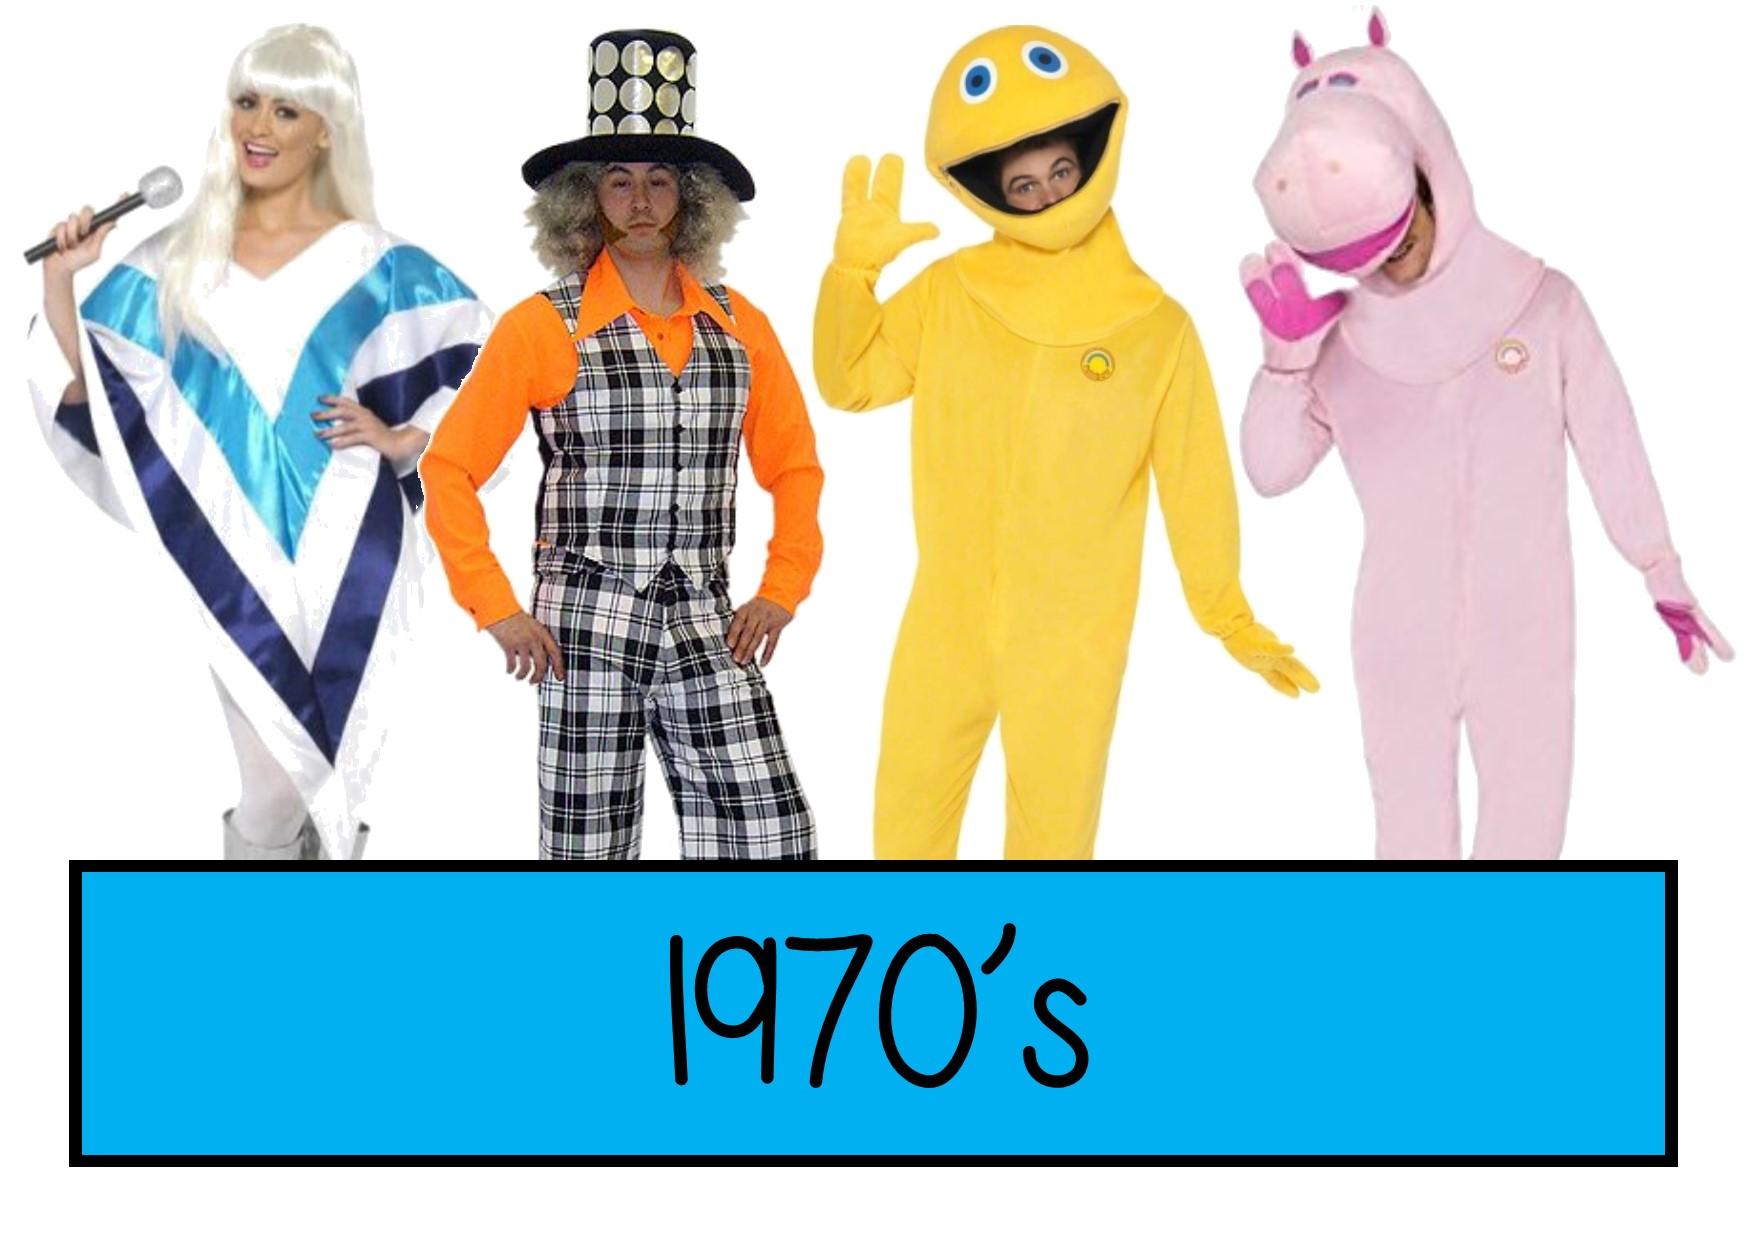 1970s fancy dress ideas